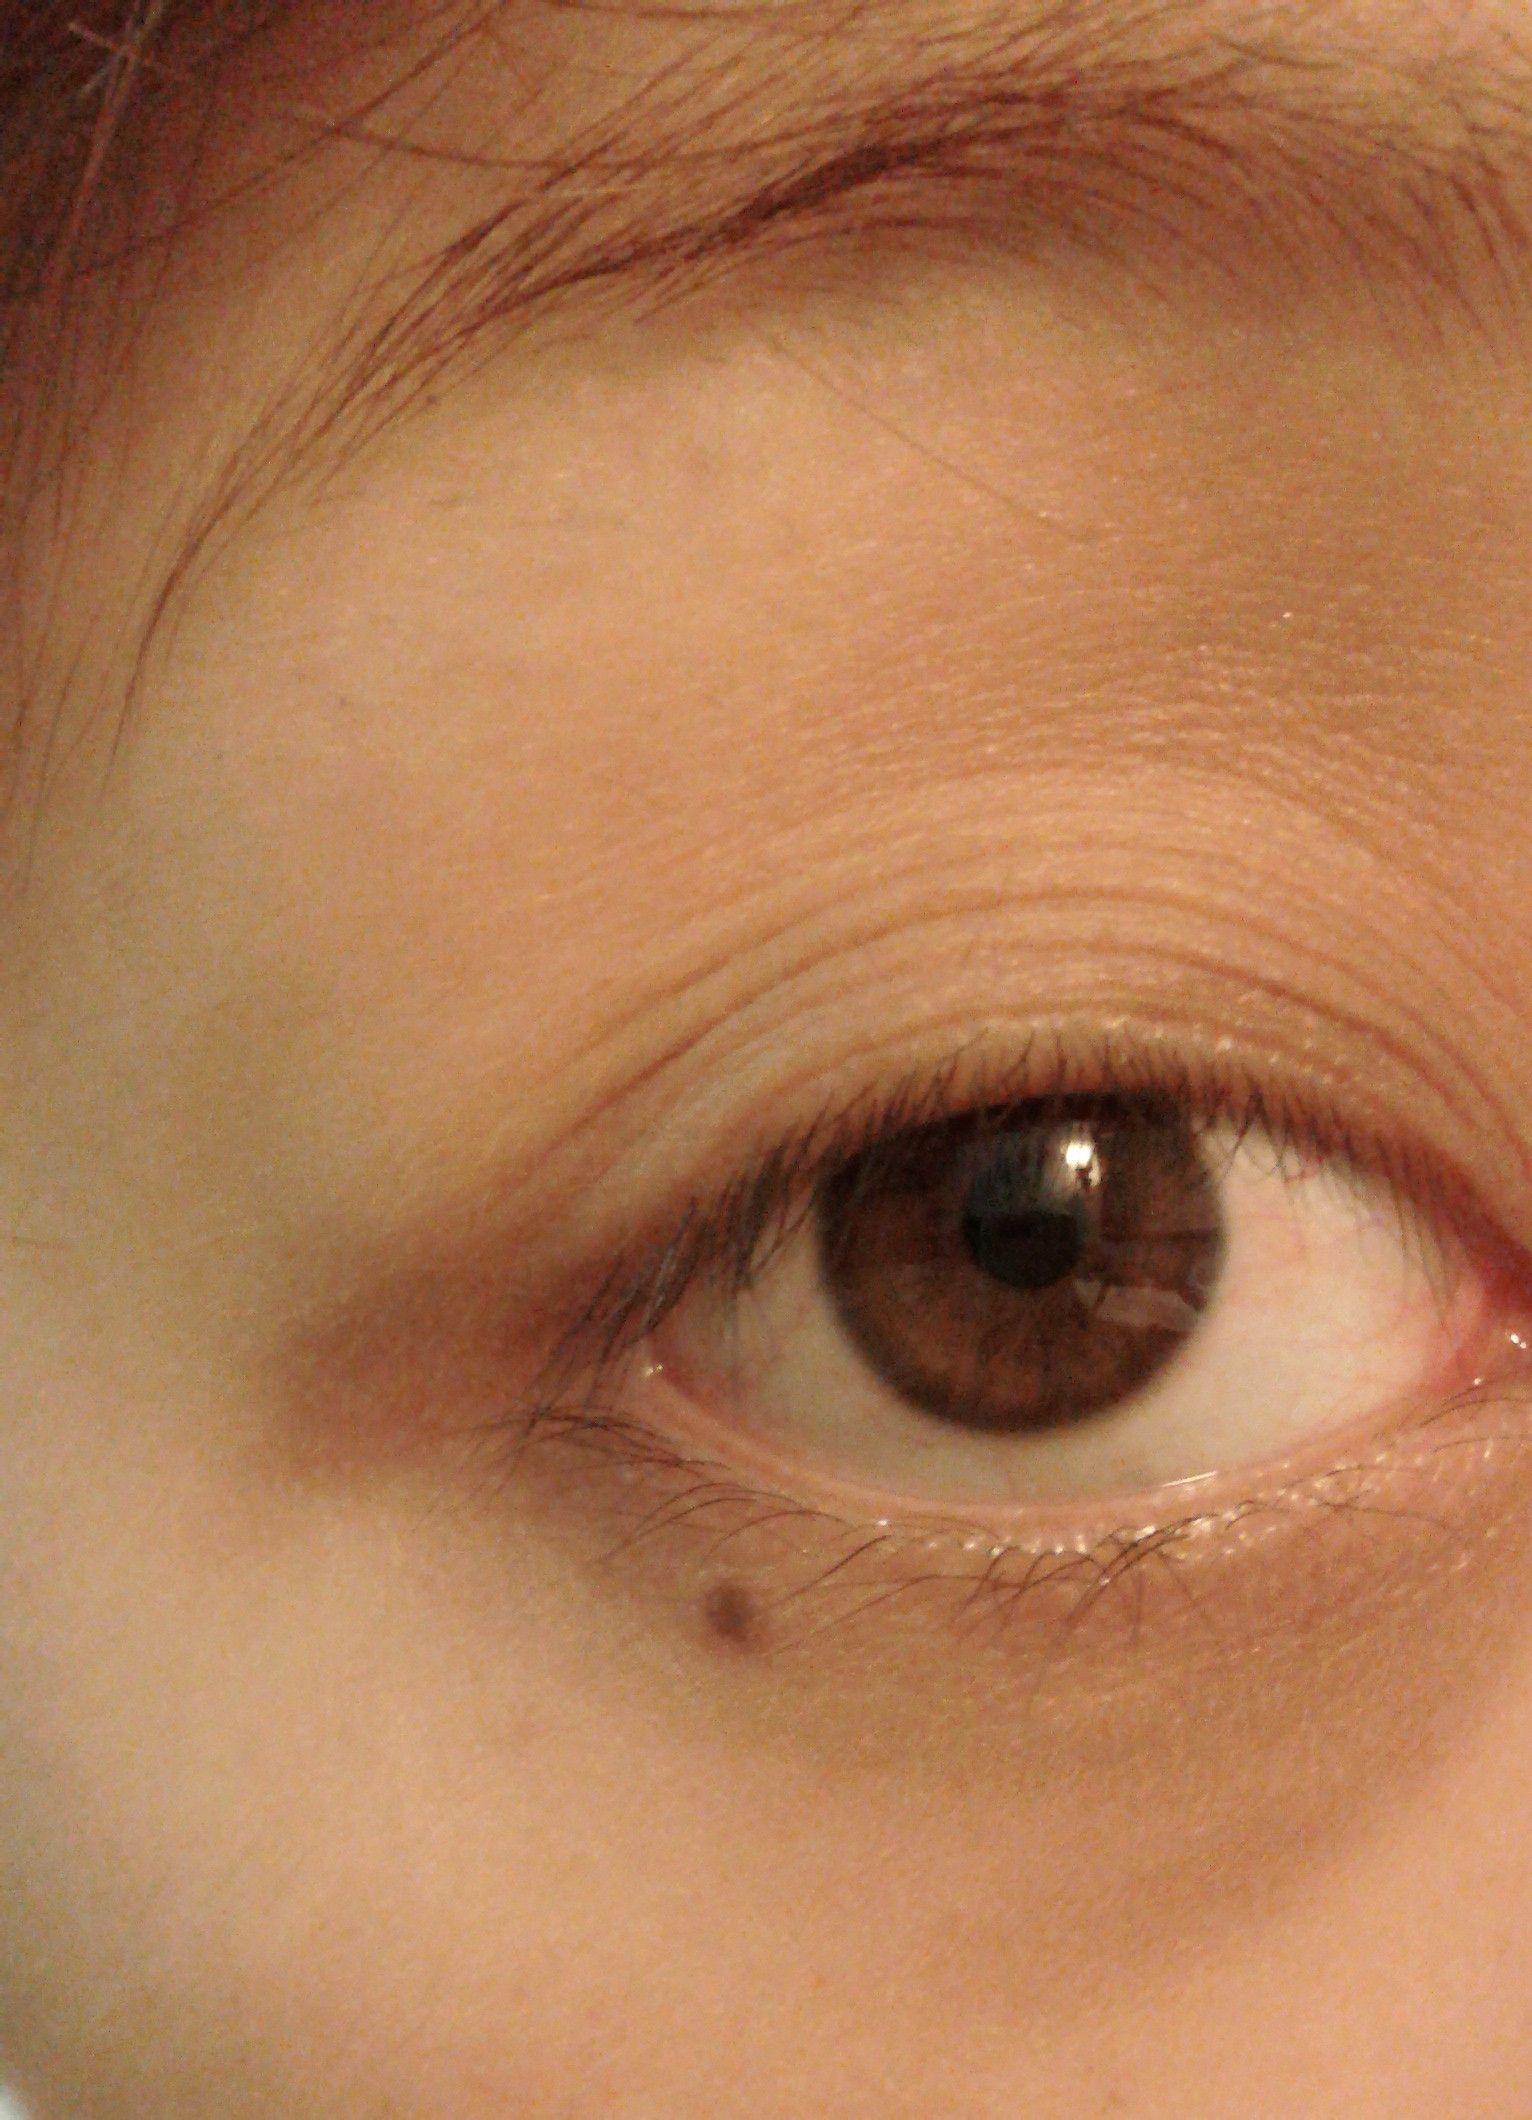 多层眼皮眼线_眼皮多层且很肿,该怎么化妆才好看呢?想要双眼皮的感觉,试 ...